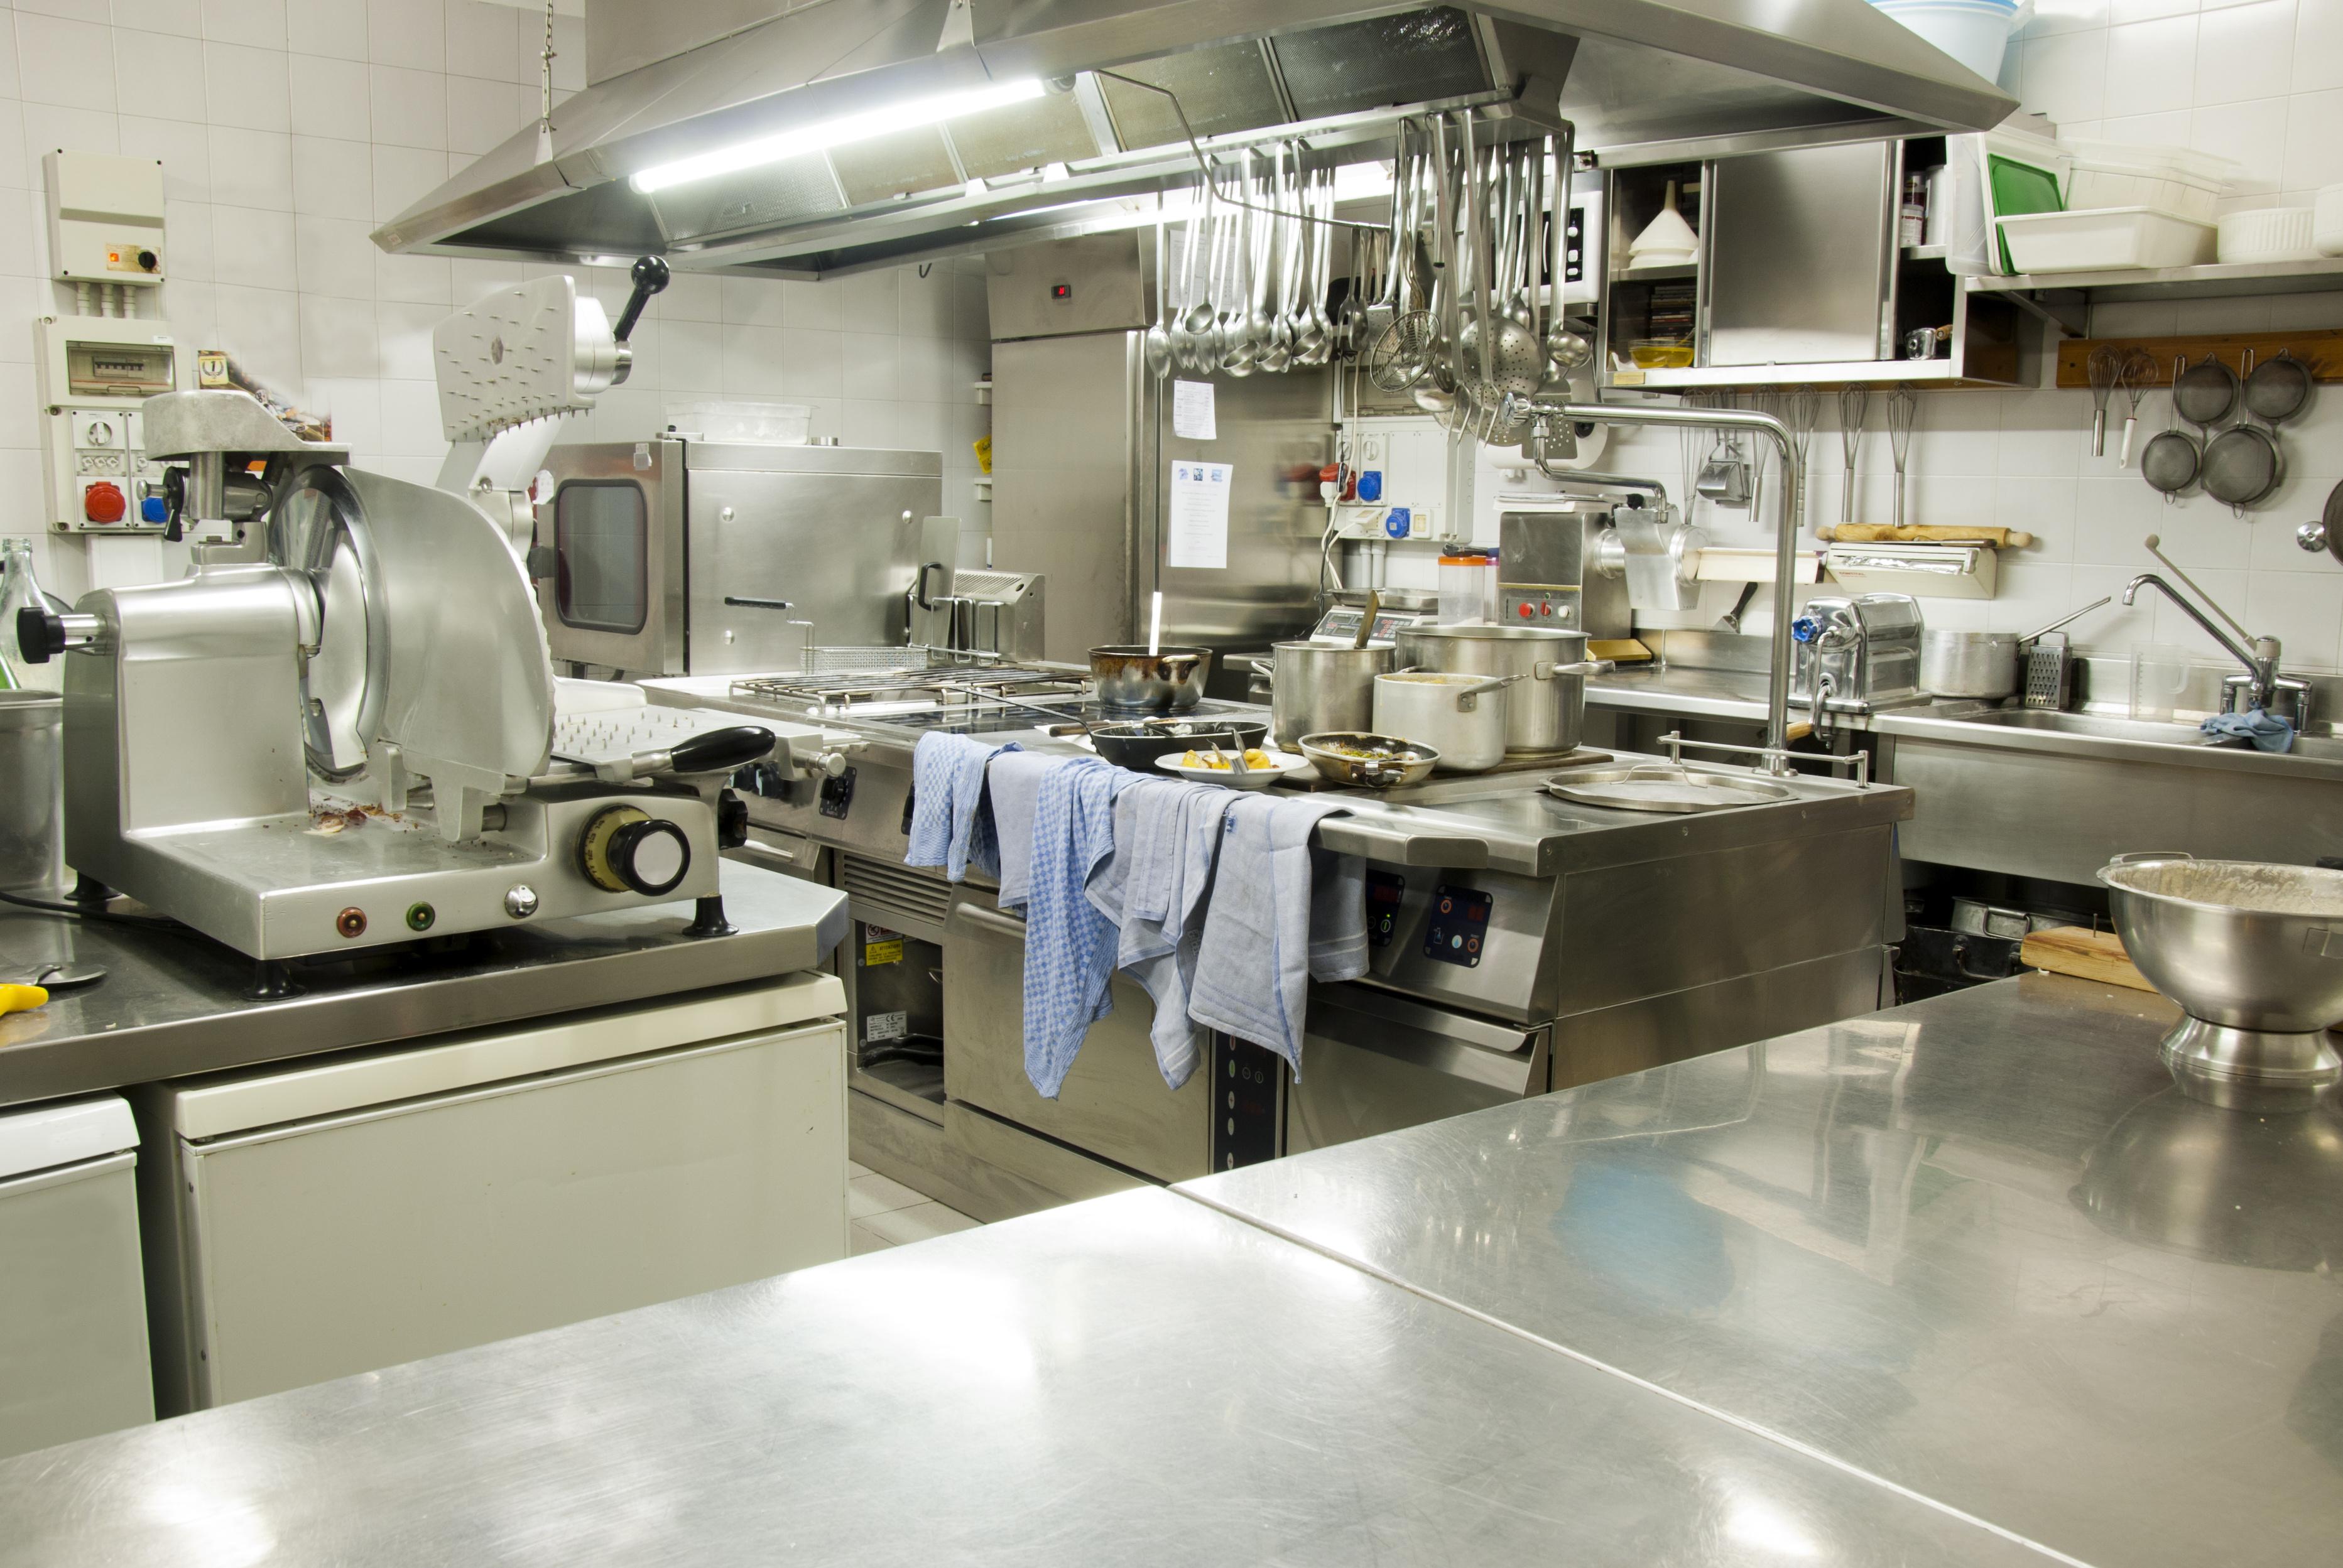 Caf restaurant et pizzeria kh misset mat riel et for Equipement de cuisine de restaurant